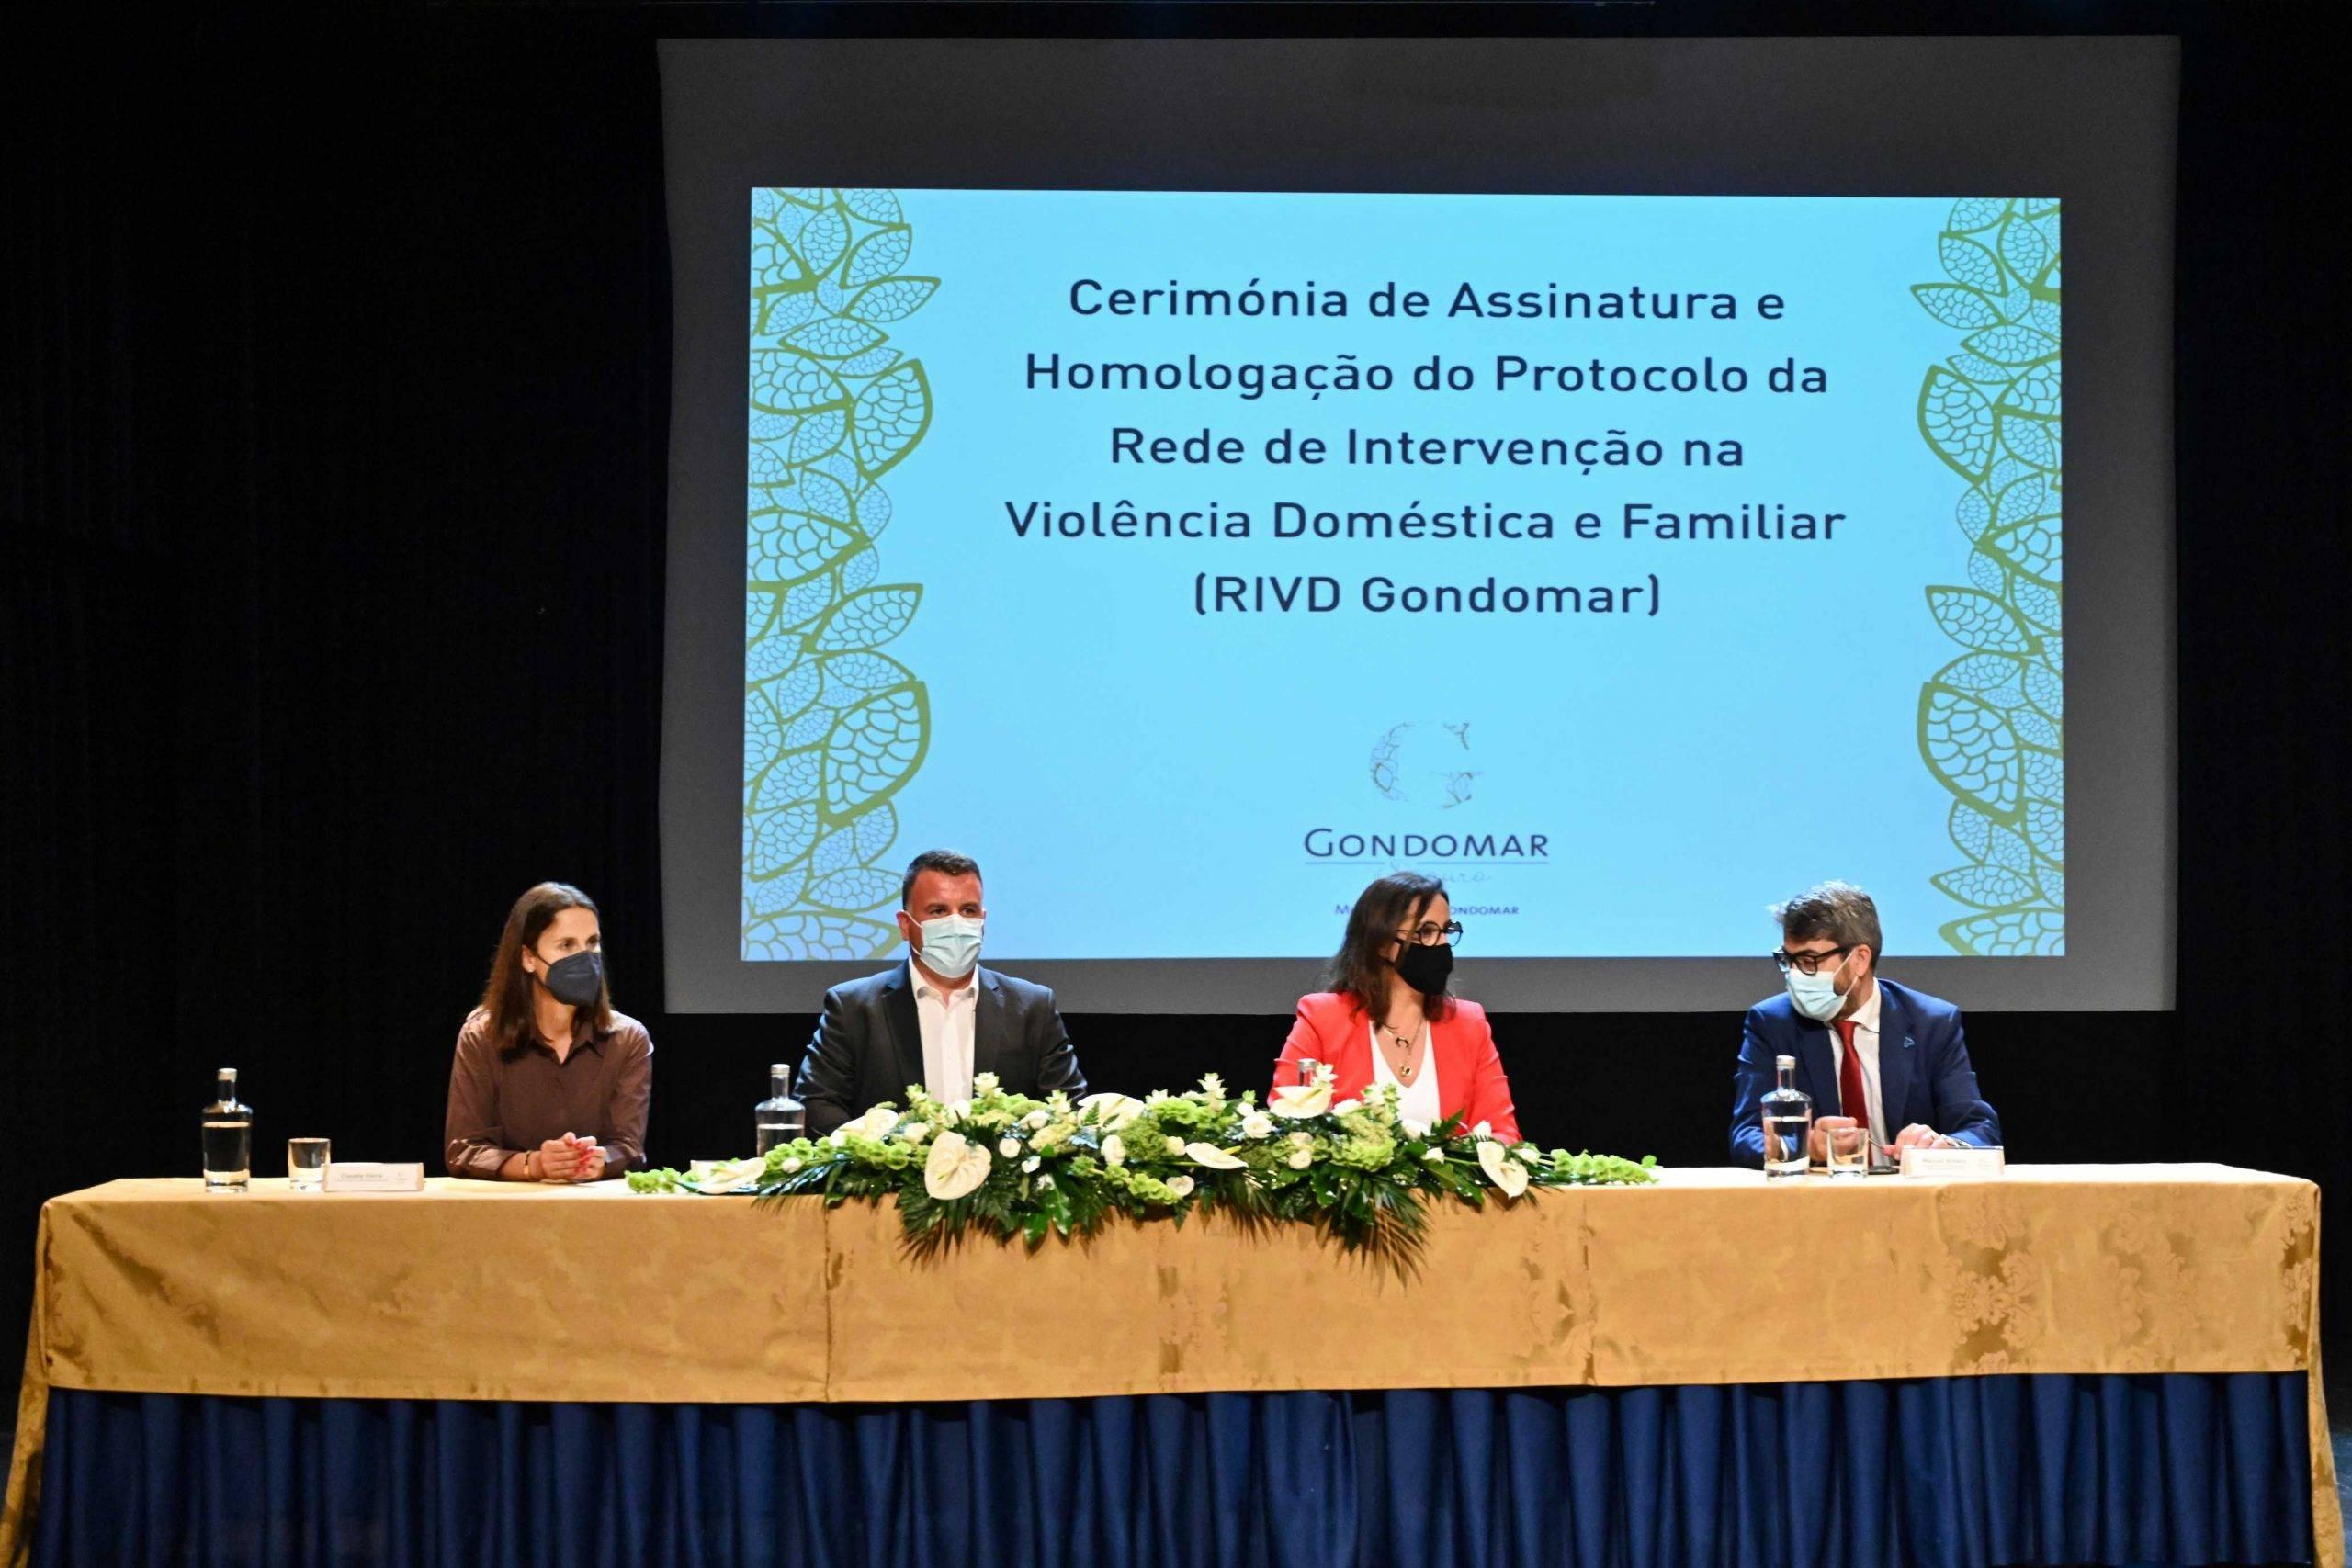 Gondomar cria Rede de Intervenção na Violência Doméstica e Familiar